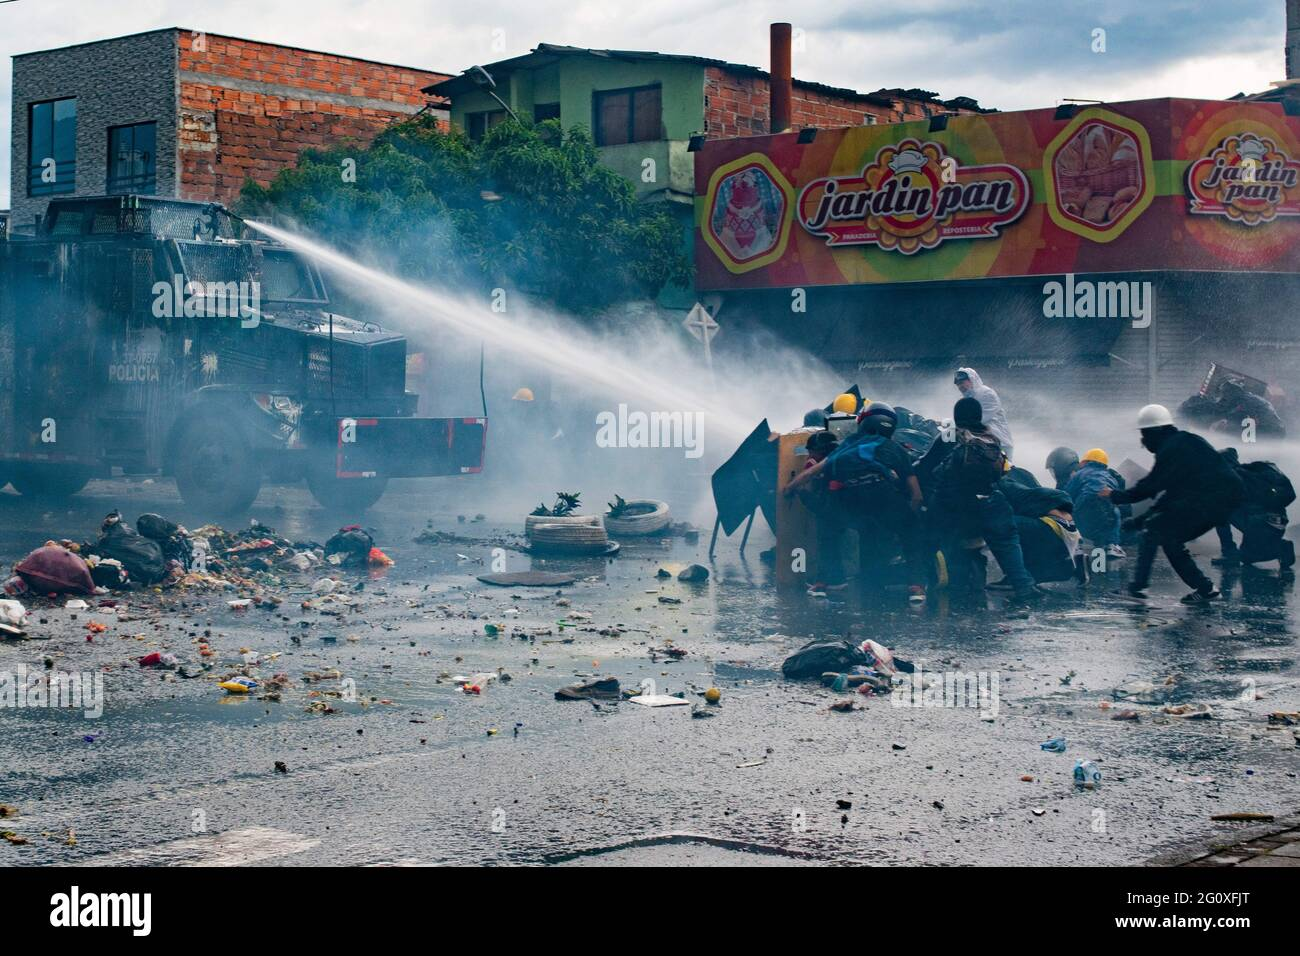 2. Juni 2021, Medellin, Antioquia, Kolumbien: Demonstranten hüten sich hinter handgefertigten Schilden, als ein bewaffnet LKW während der Zusammenstöße mit der kolumbianischen Bereitschaftspolizei (ESMAD) Wasser auf sie schießt, während regierungsfeindliche Proteste in eine 5. Woche gegen die Gesundheits- und Steuerreform von Präsident Ivan Duque ansteigen, Und Polizeimissbrauch von Behördenfällen in Medellin, Kolumbien, am 2. Juni 2021. (Bild: © Miyer Juana/LongVisual über ZUMA Wire) Stockfoto